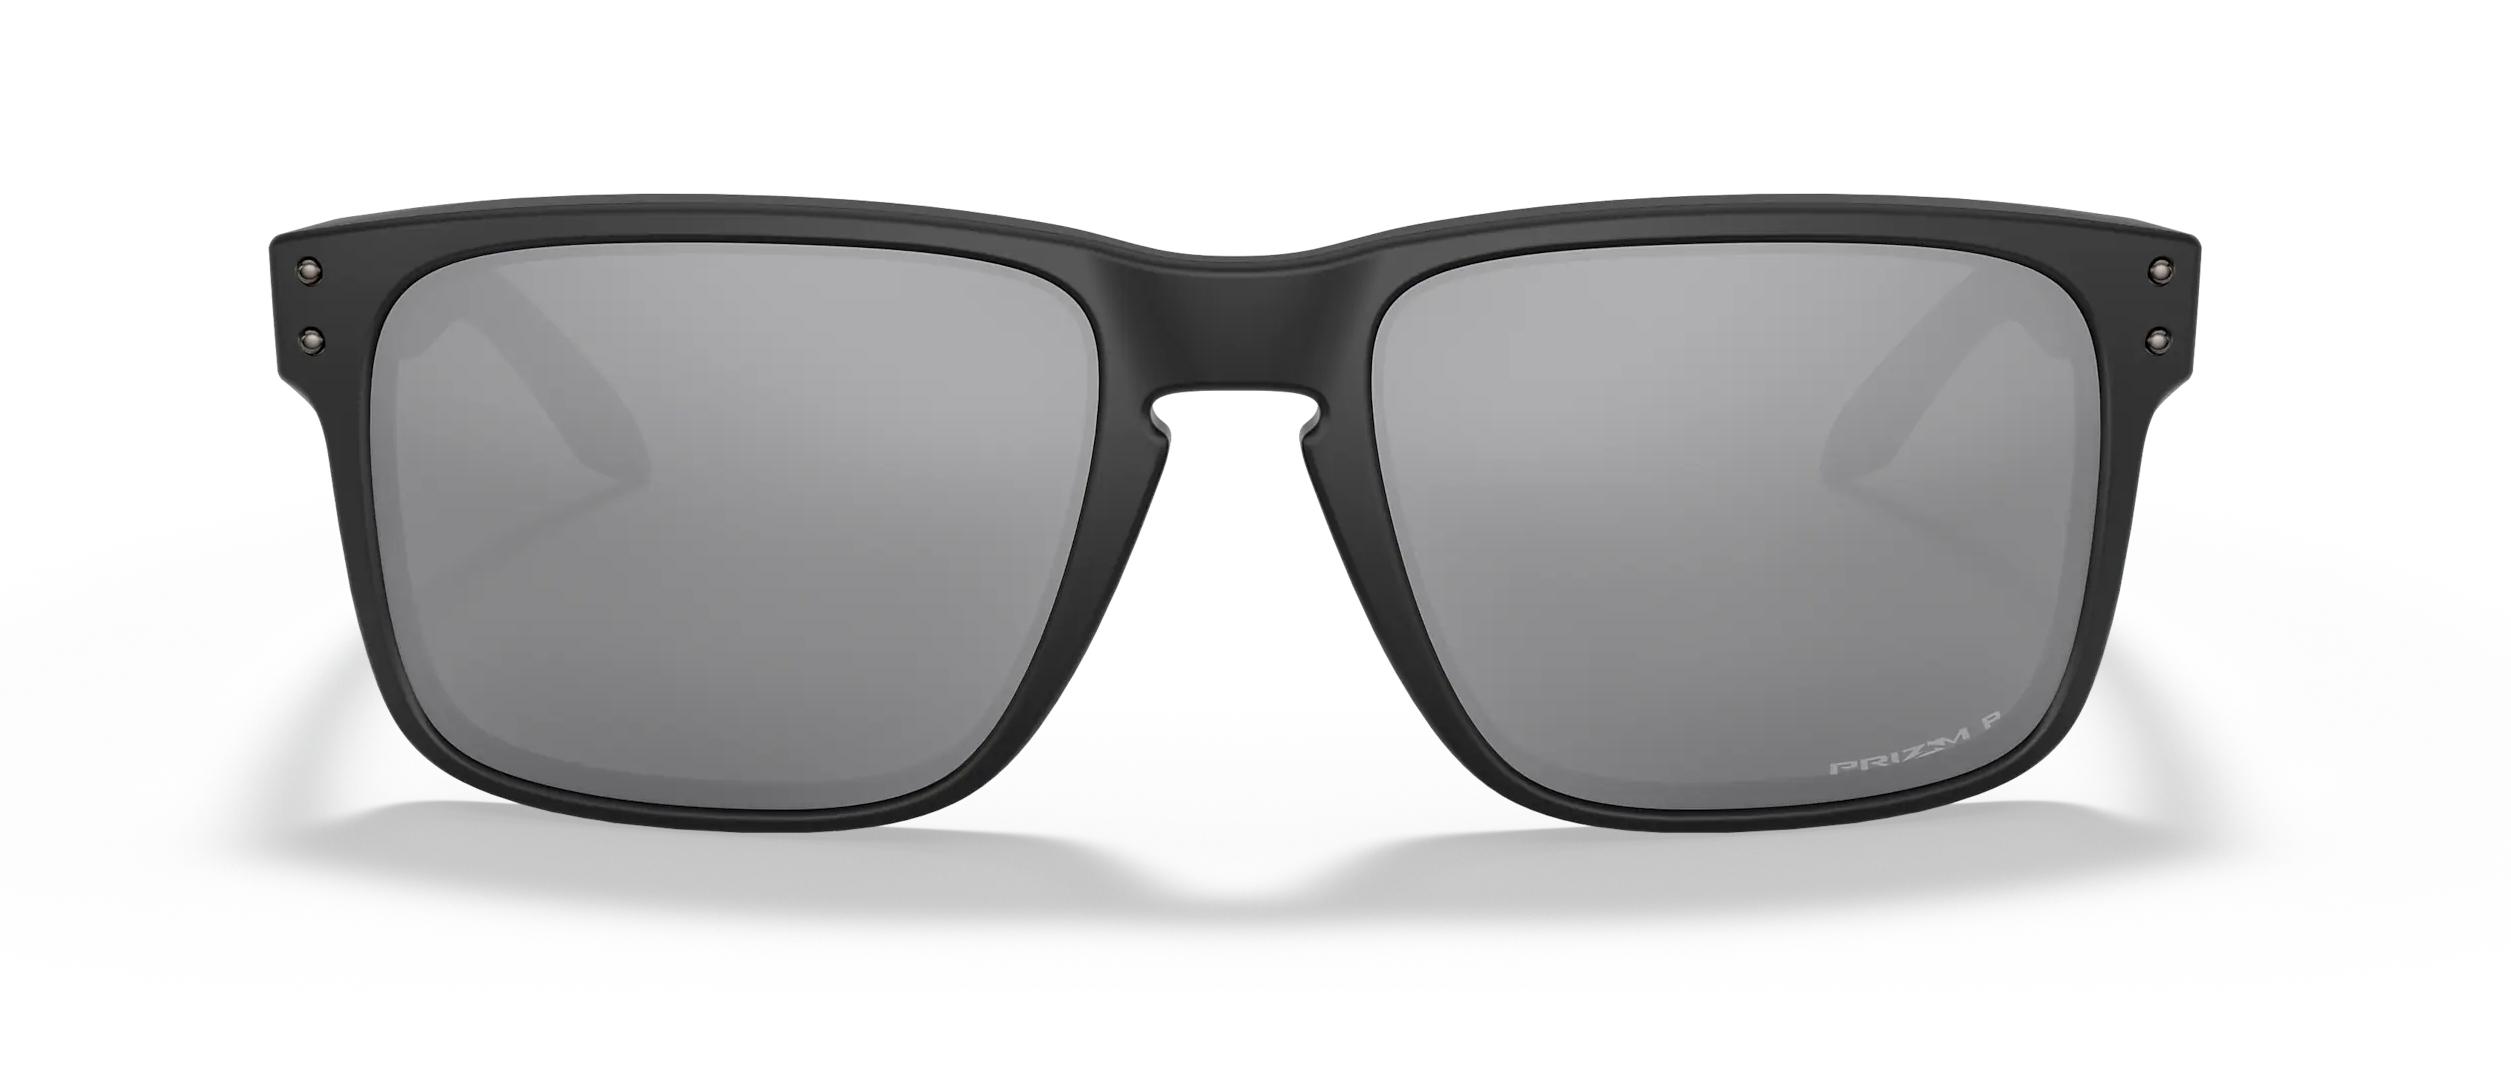 Oakley Holbrook sunglasses black frame front